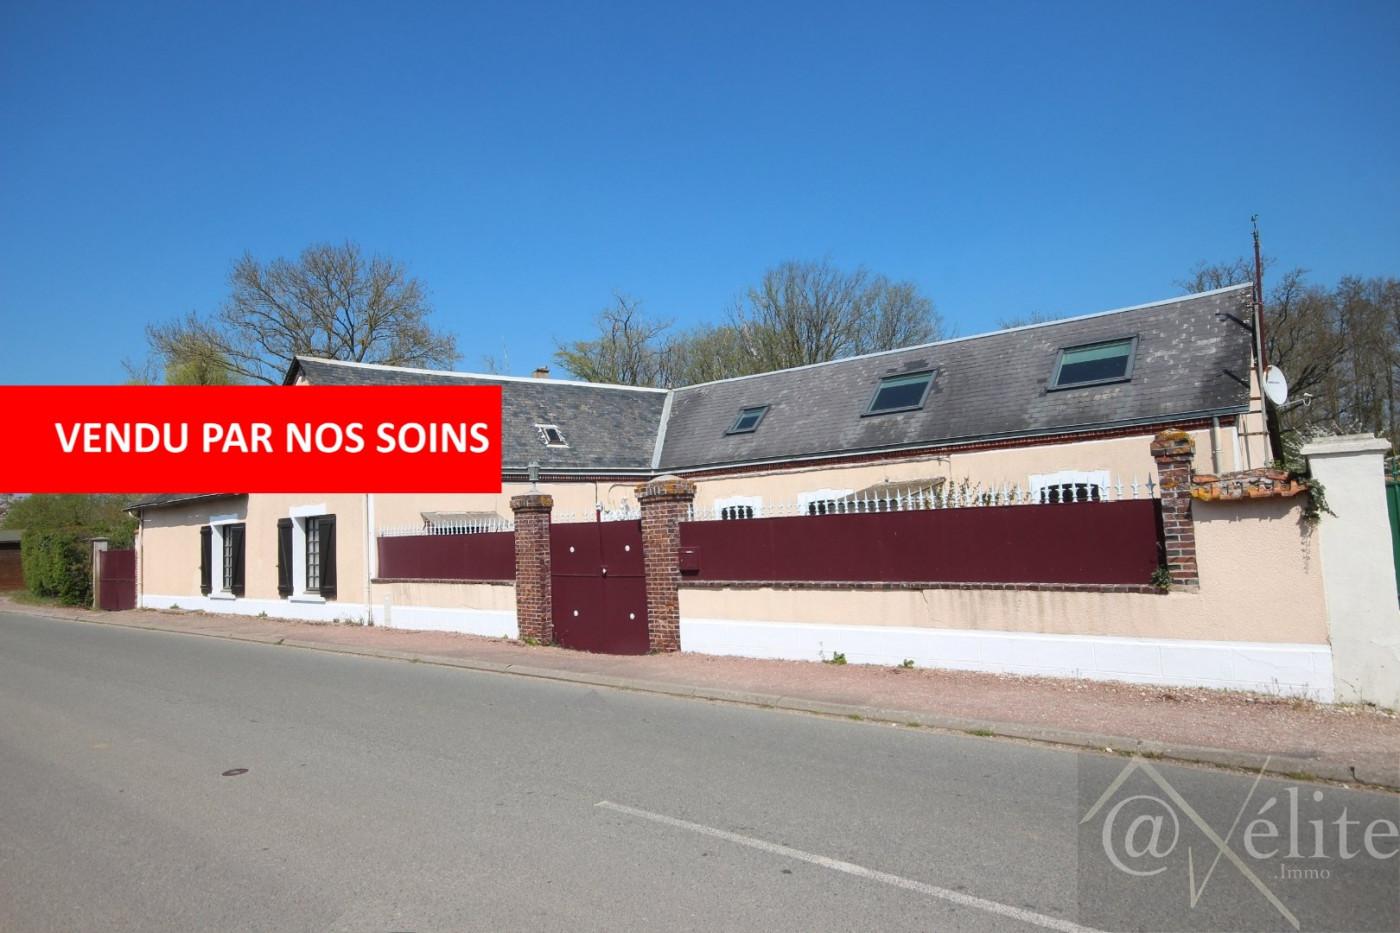 A vendre  Chartres   Réf 777922151 - Axelite sas